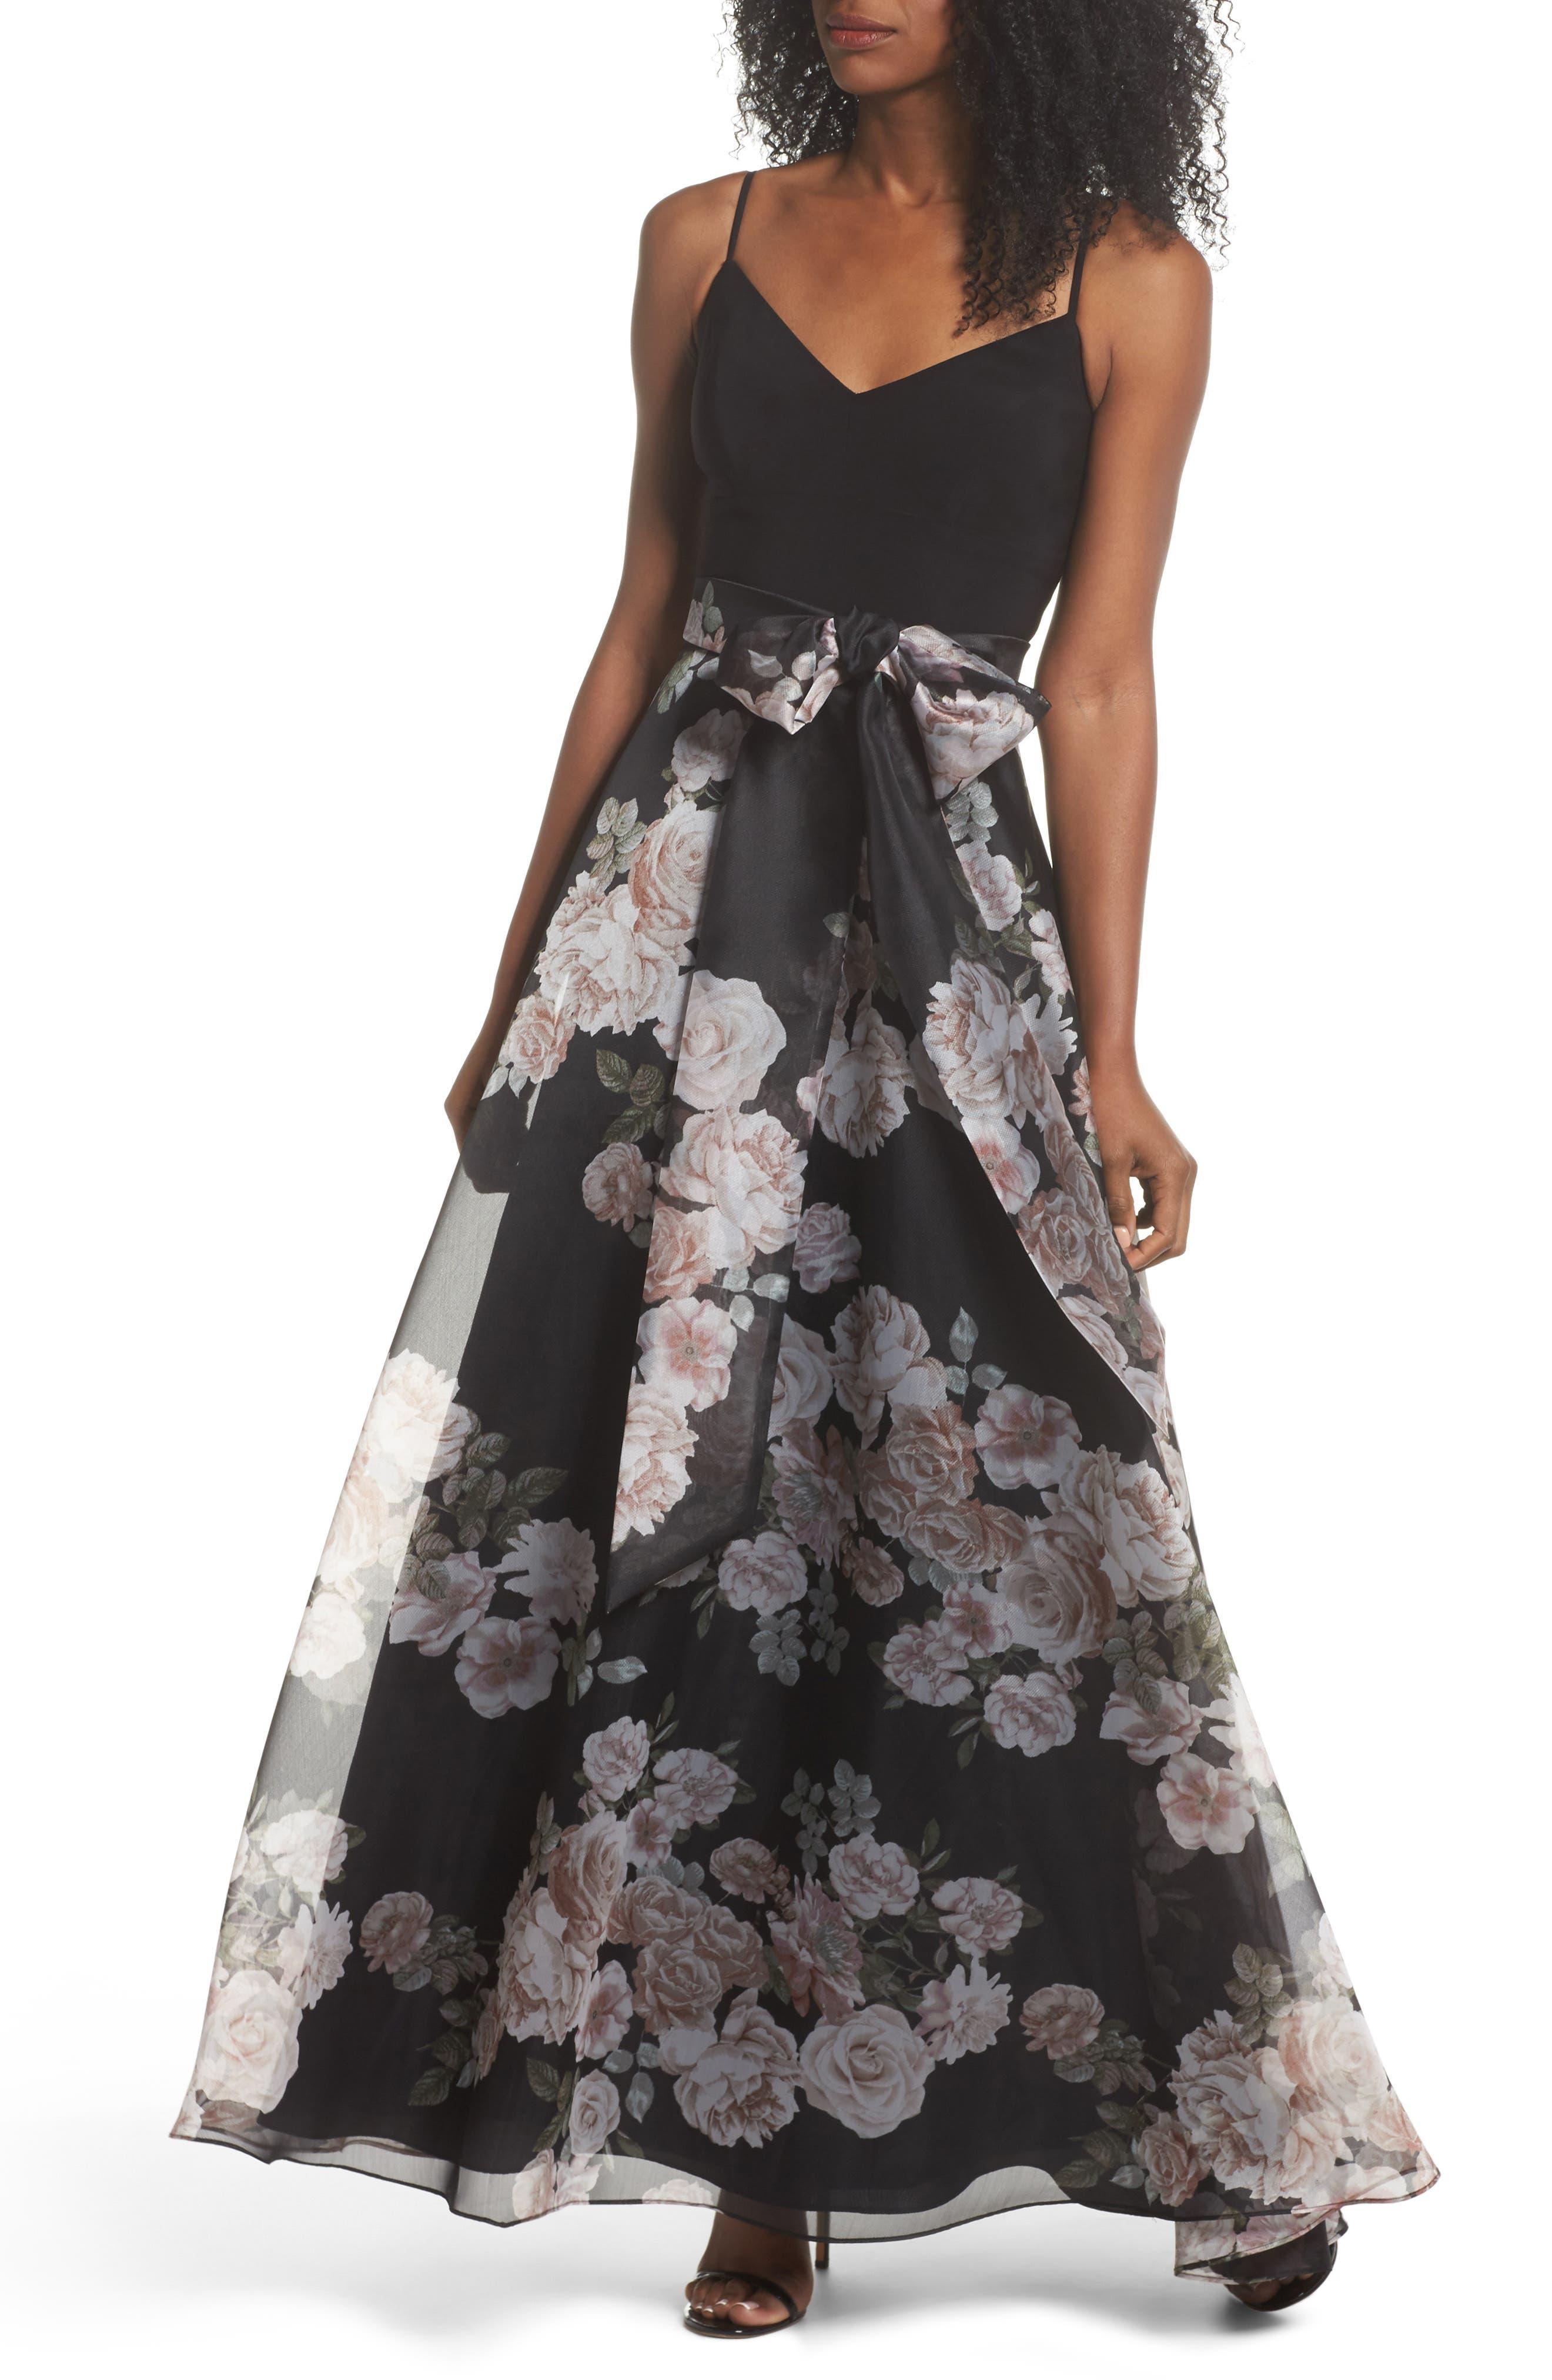 Knit & Print Organza Ballgown,                         Main,                         color, BLACK/BLUSH